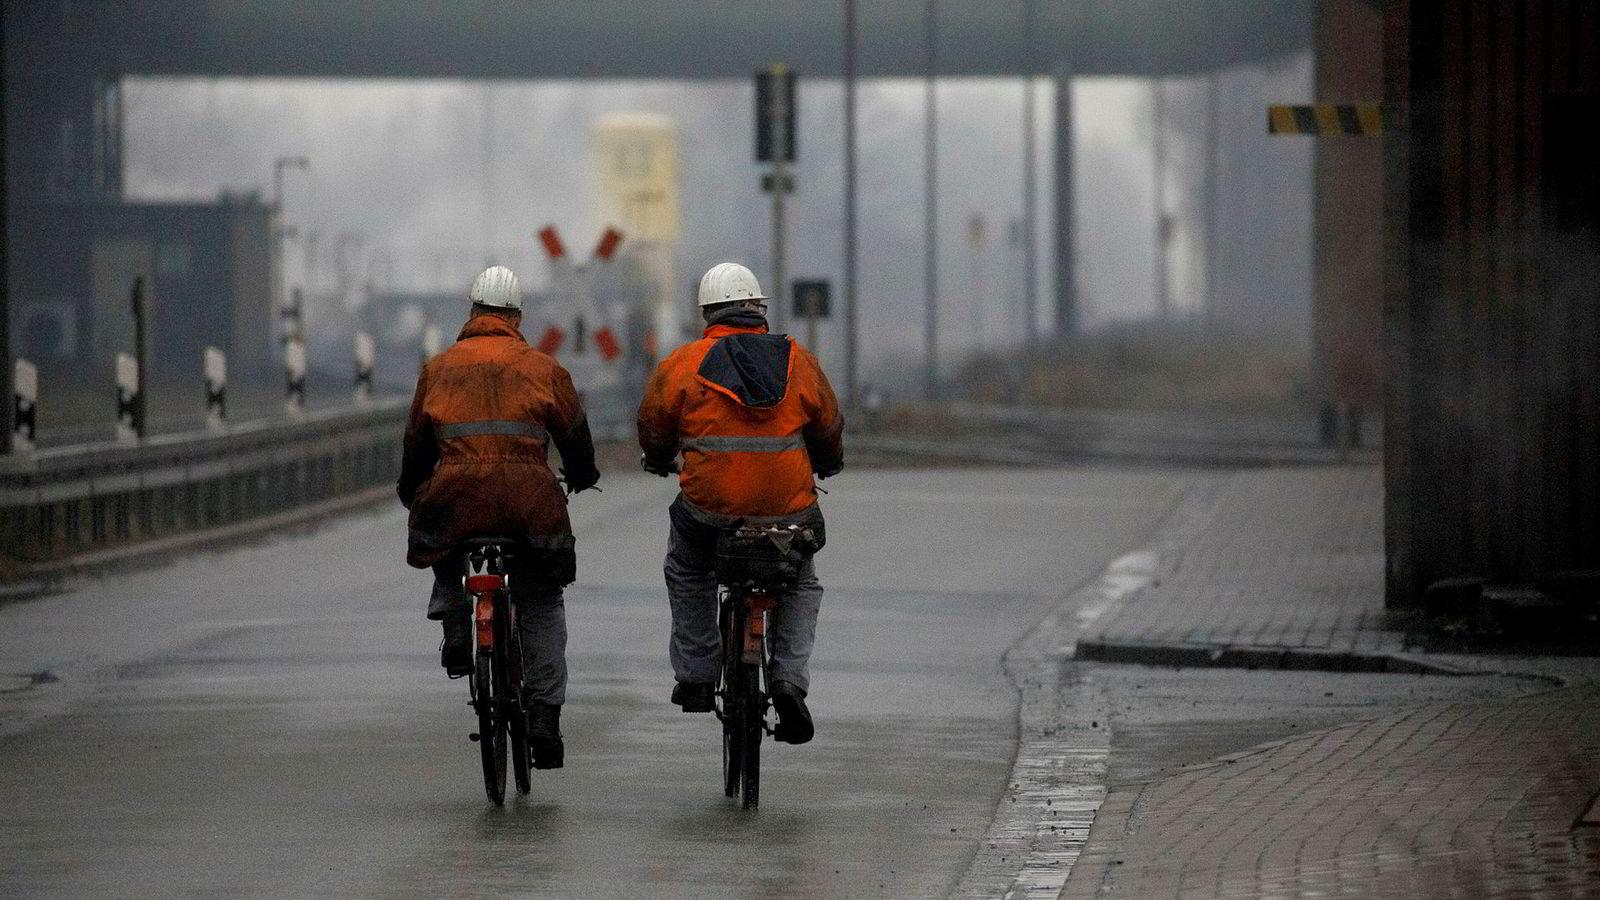 Resultatene i en studie fra Tyskland hvor det ble underøkt hva som skjedde da det nokså brått ble tillatt tsjekkiske arbeidere å jobbe i en del tyske kommuner langs grensen til Tsjekkia viser at innvandringen fra Tsjekkia medførte et markert fall i lokalbefolkningens sysselsetting. Det ble påvist en klart sterkere negativ effekt på innbyggere med svake kvalifikasjoner. Her ansatte på stålverket Salzgitter AG  i Tyskland.